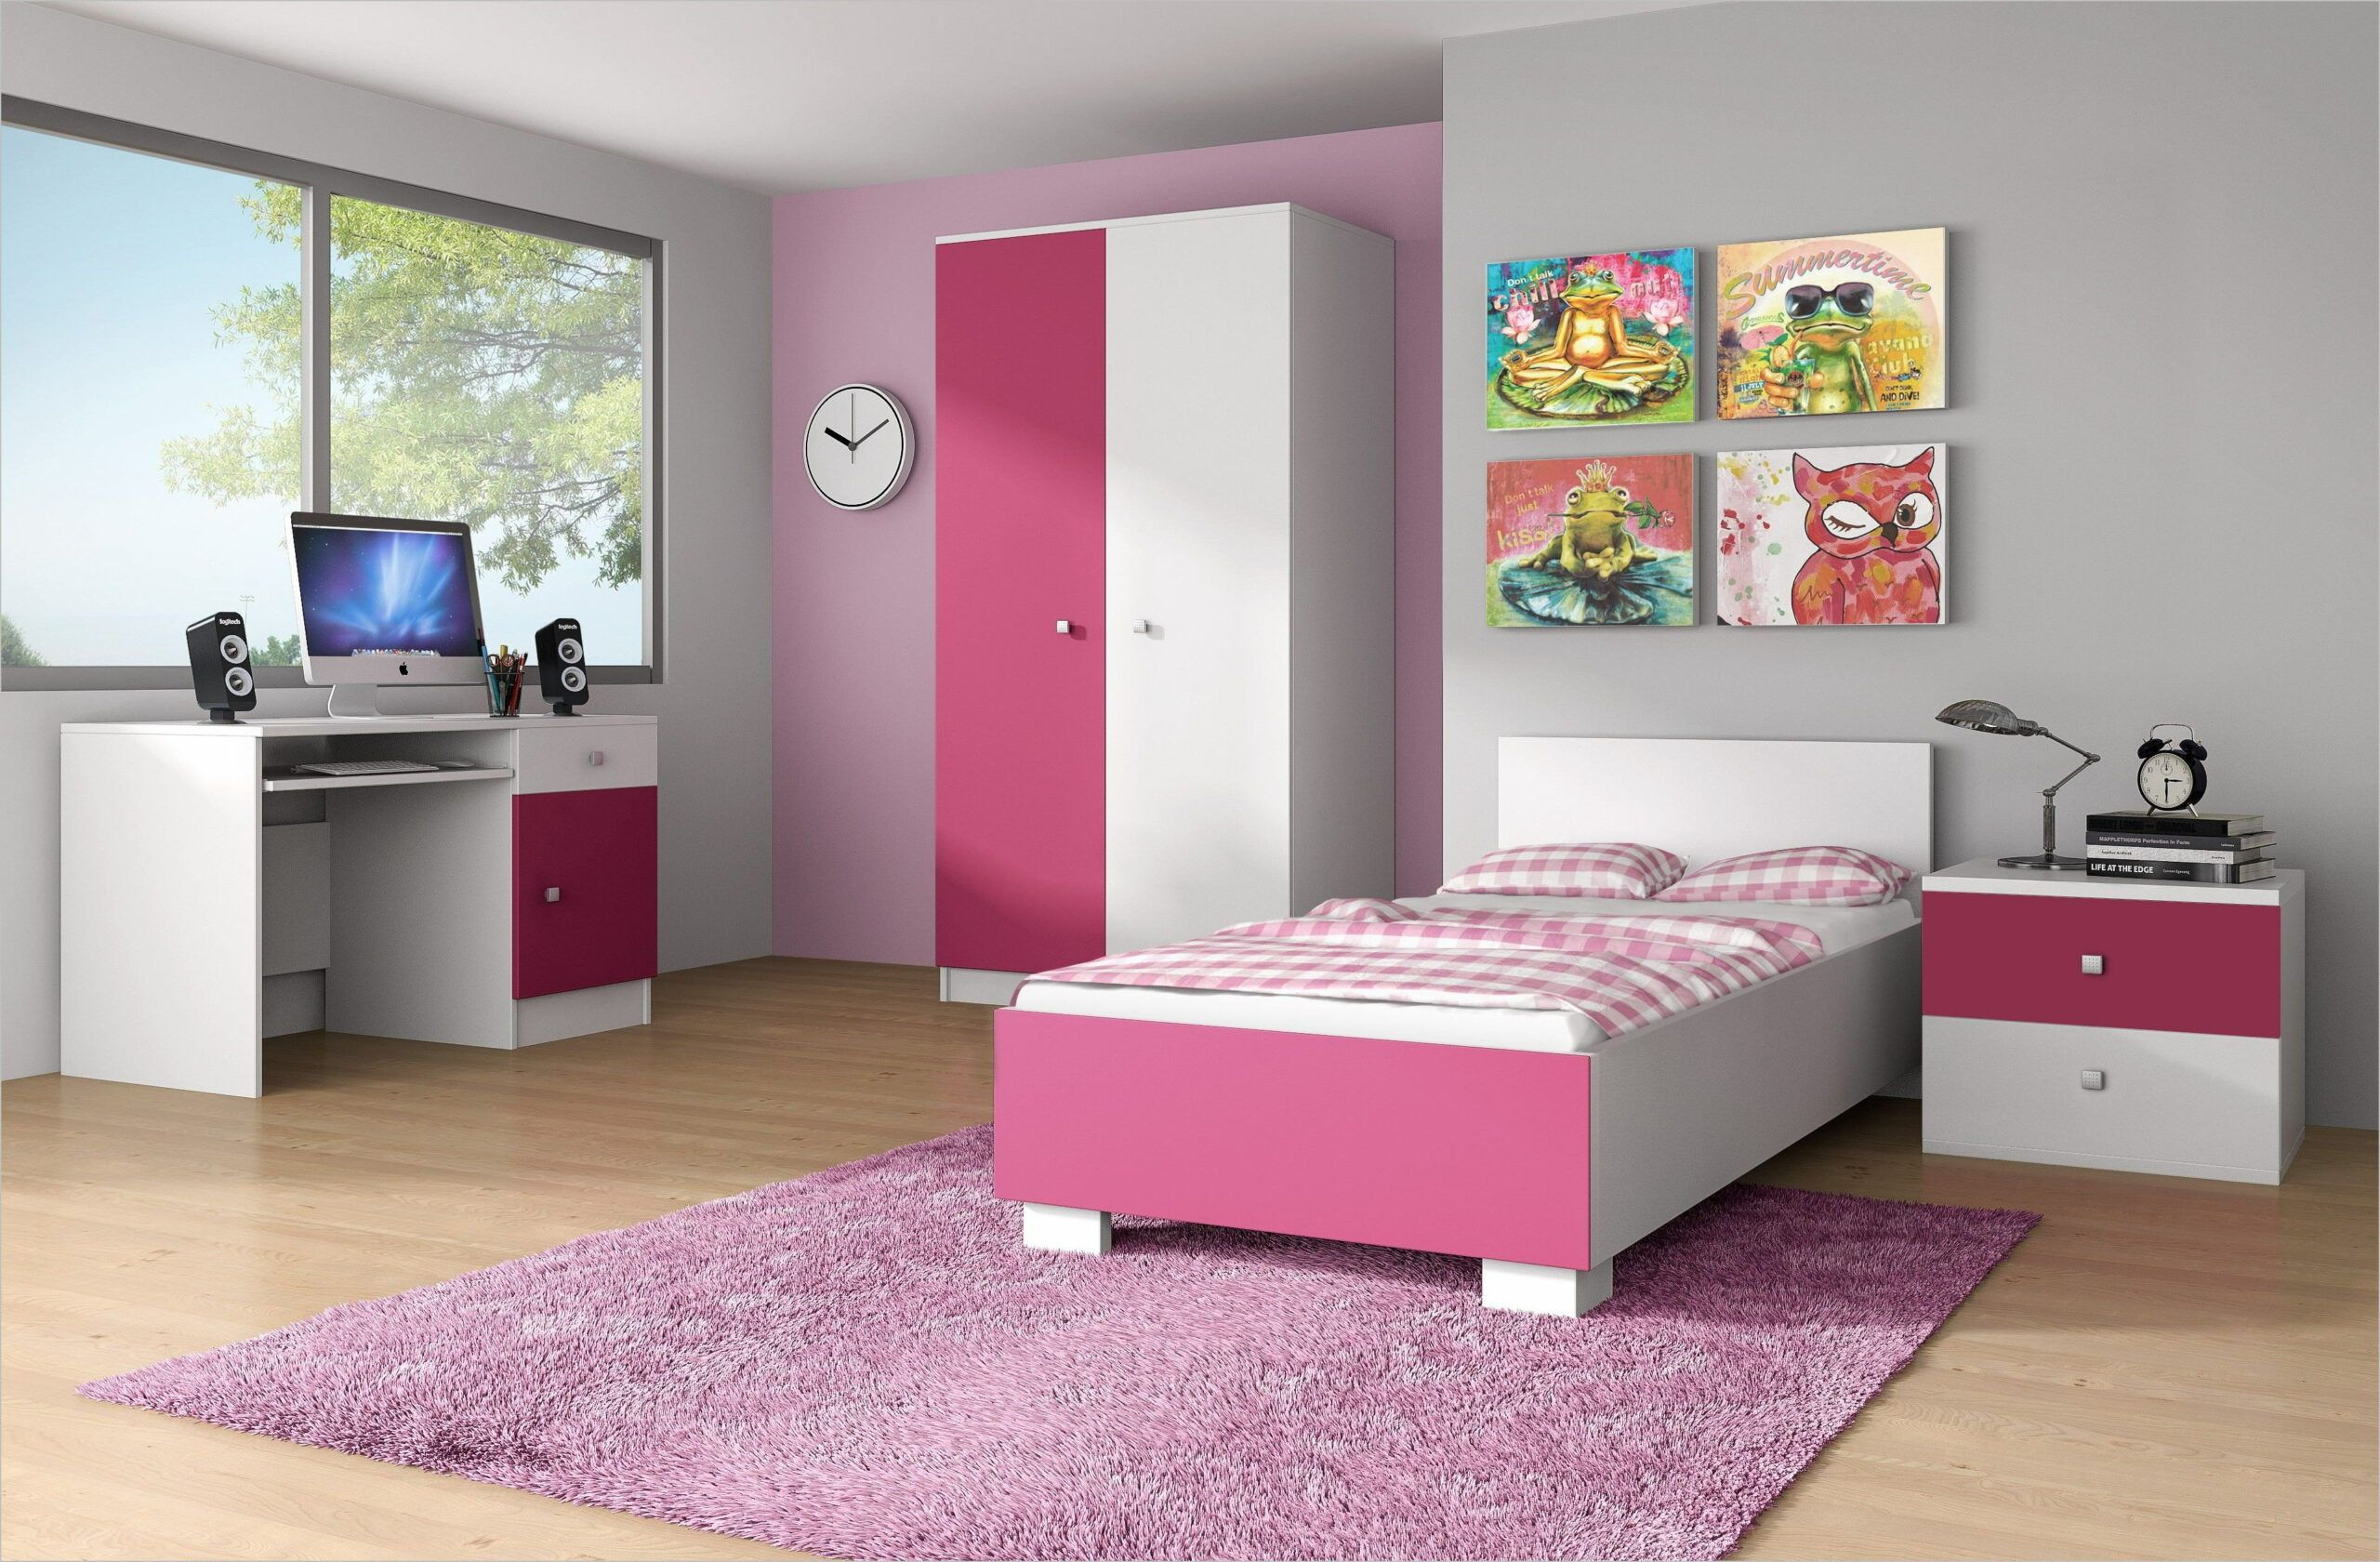 Deco Chambre Ado Fille 12 Ans In 2020 Home Decor Deco Room